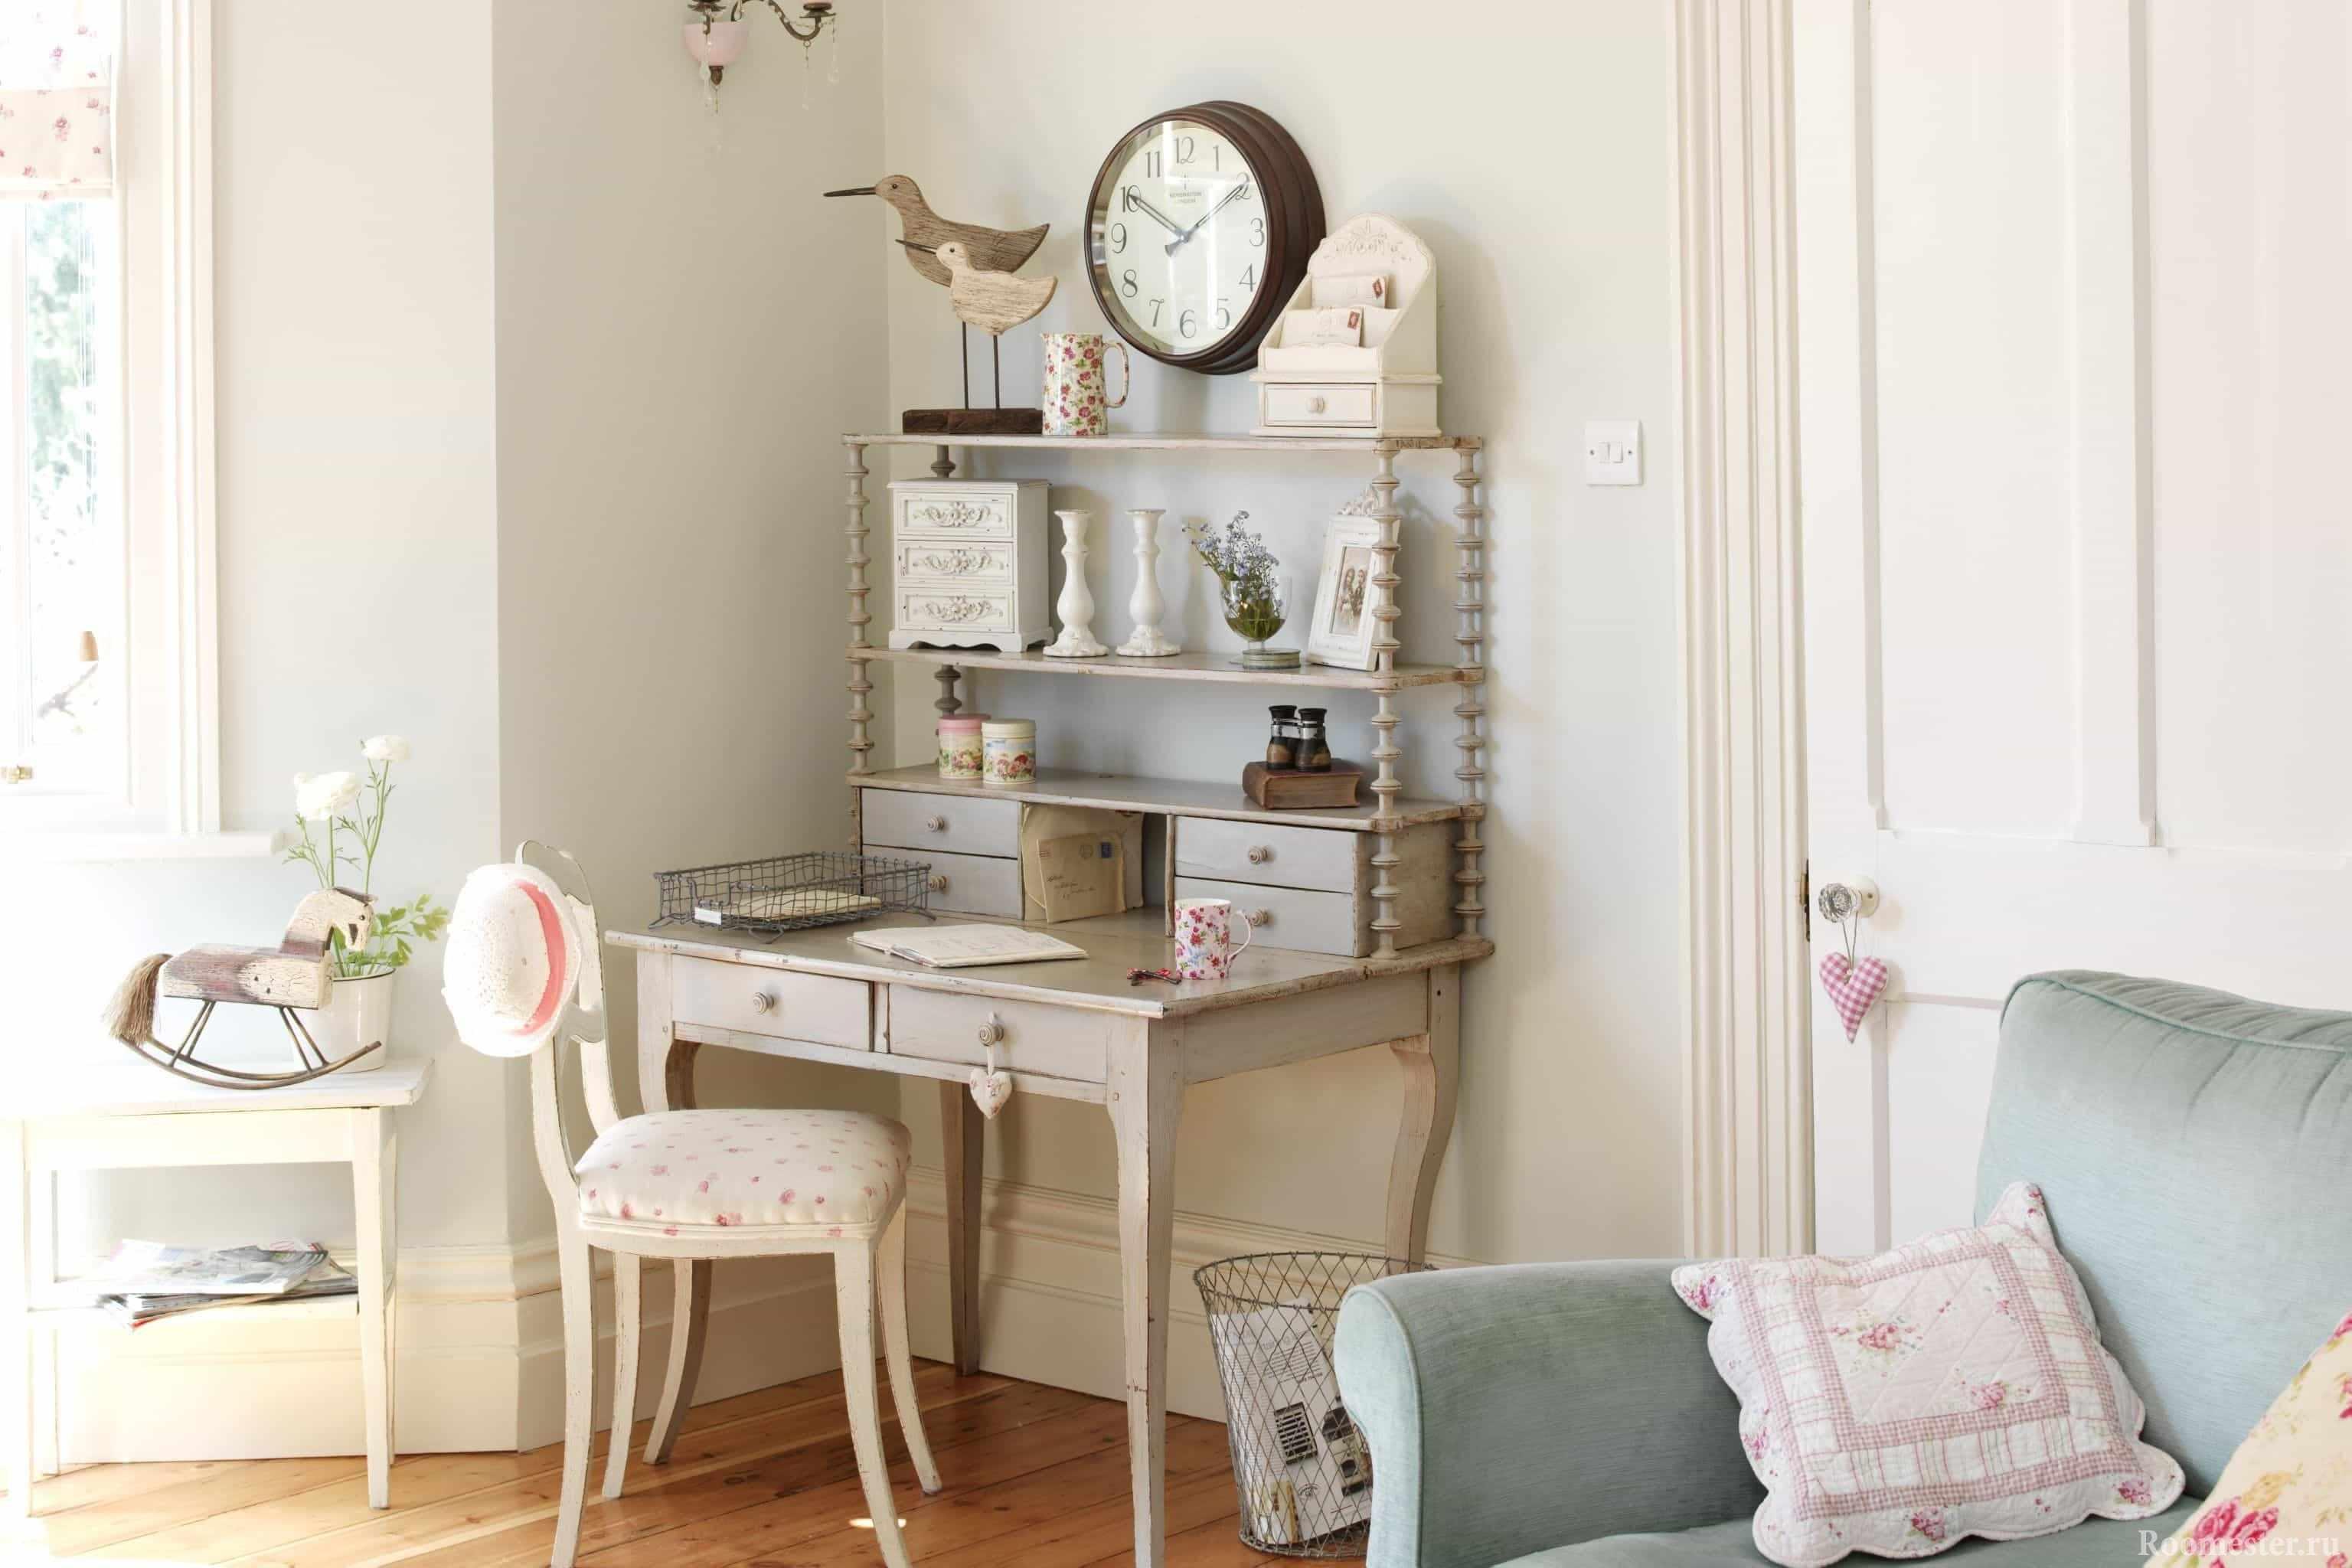 Предметы интерьера для создания винтажного стиля дома